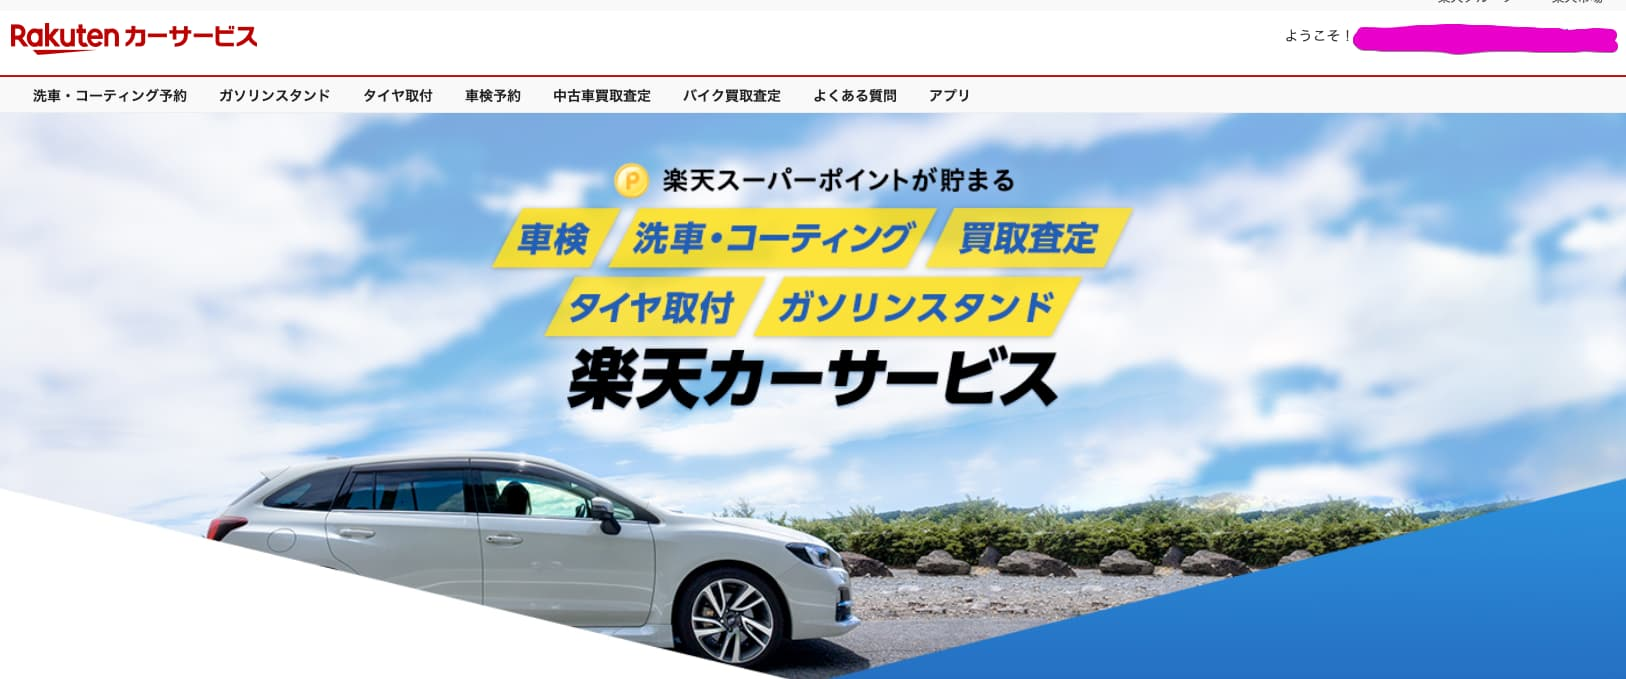 Rakutenカーサービスとは?